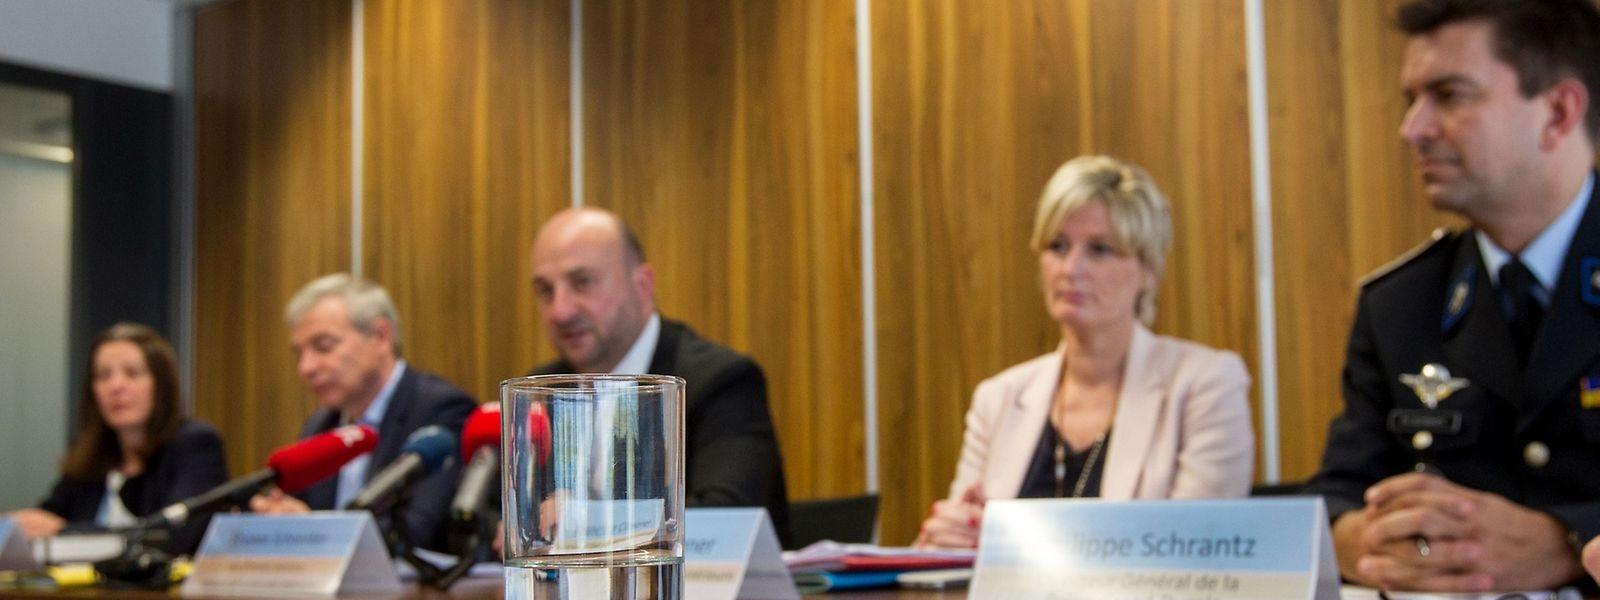 Innenminister Dan Kersch, Sicherheitsminister Etienne Schneider, Staatssekretärin Francine Closener und Polizeigeneraldirektor Philippe Schrantz stellten am Donnerstag das Gesetzesprojekt zu Polizeireform vor.